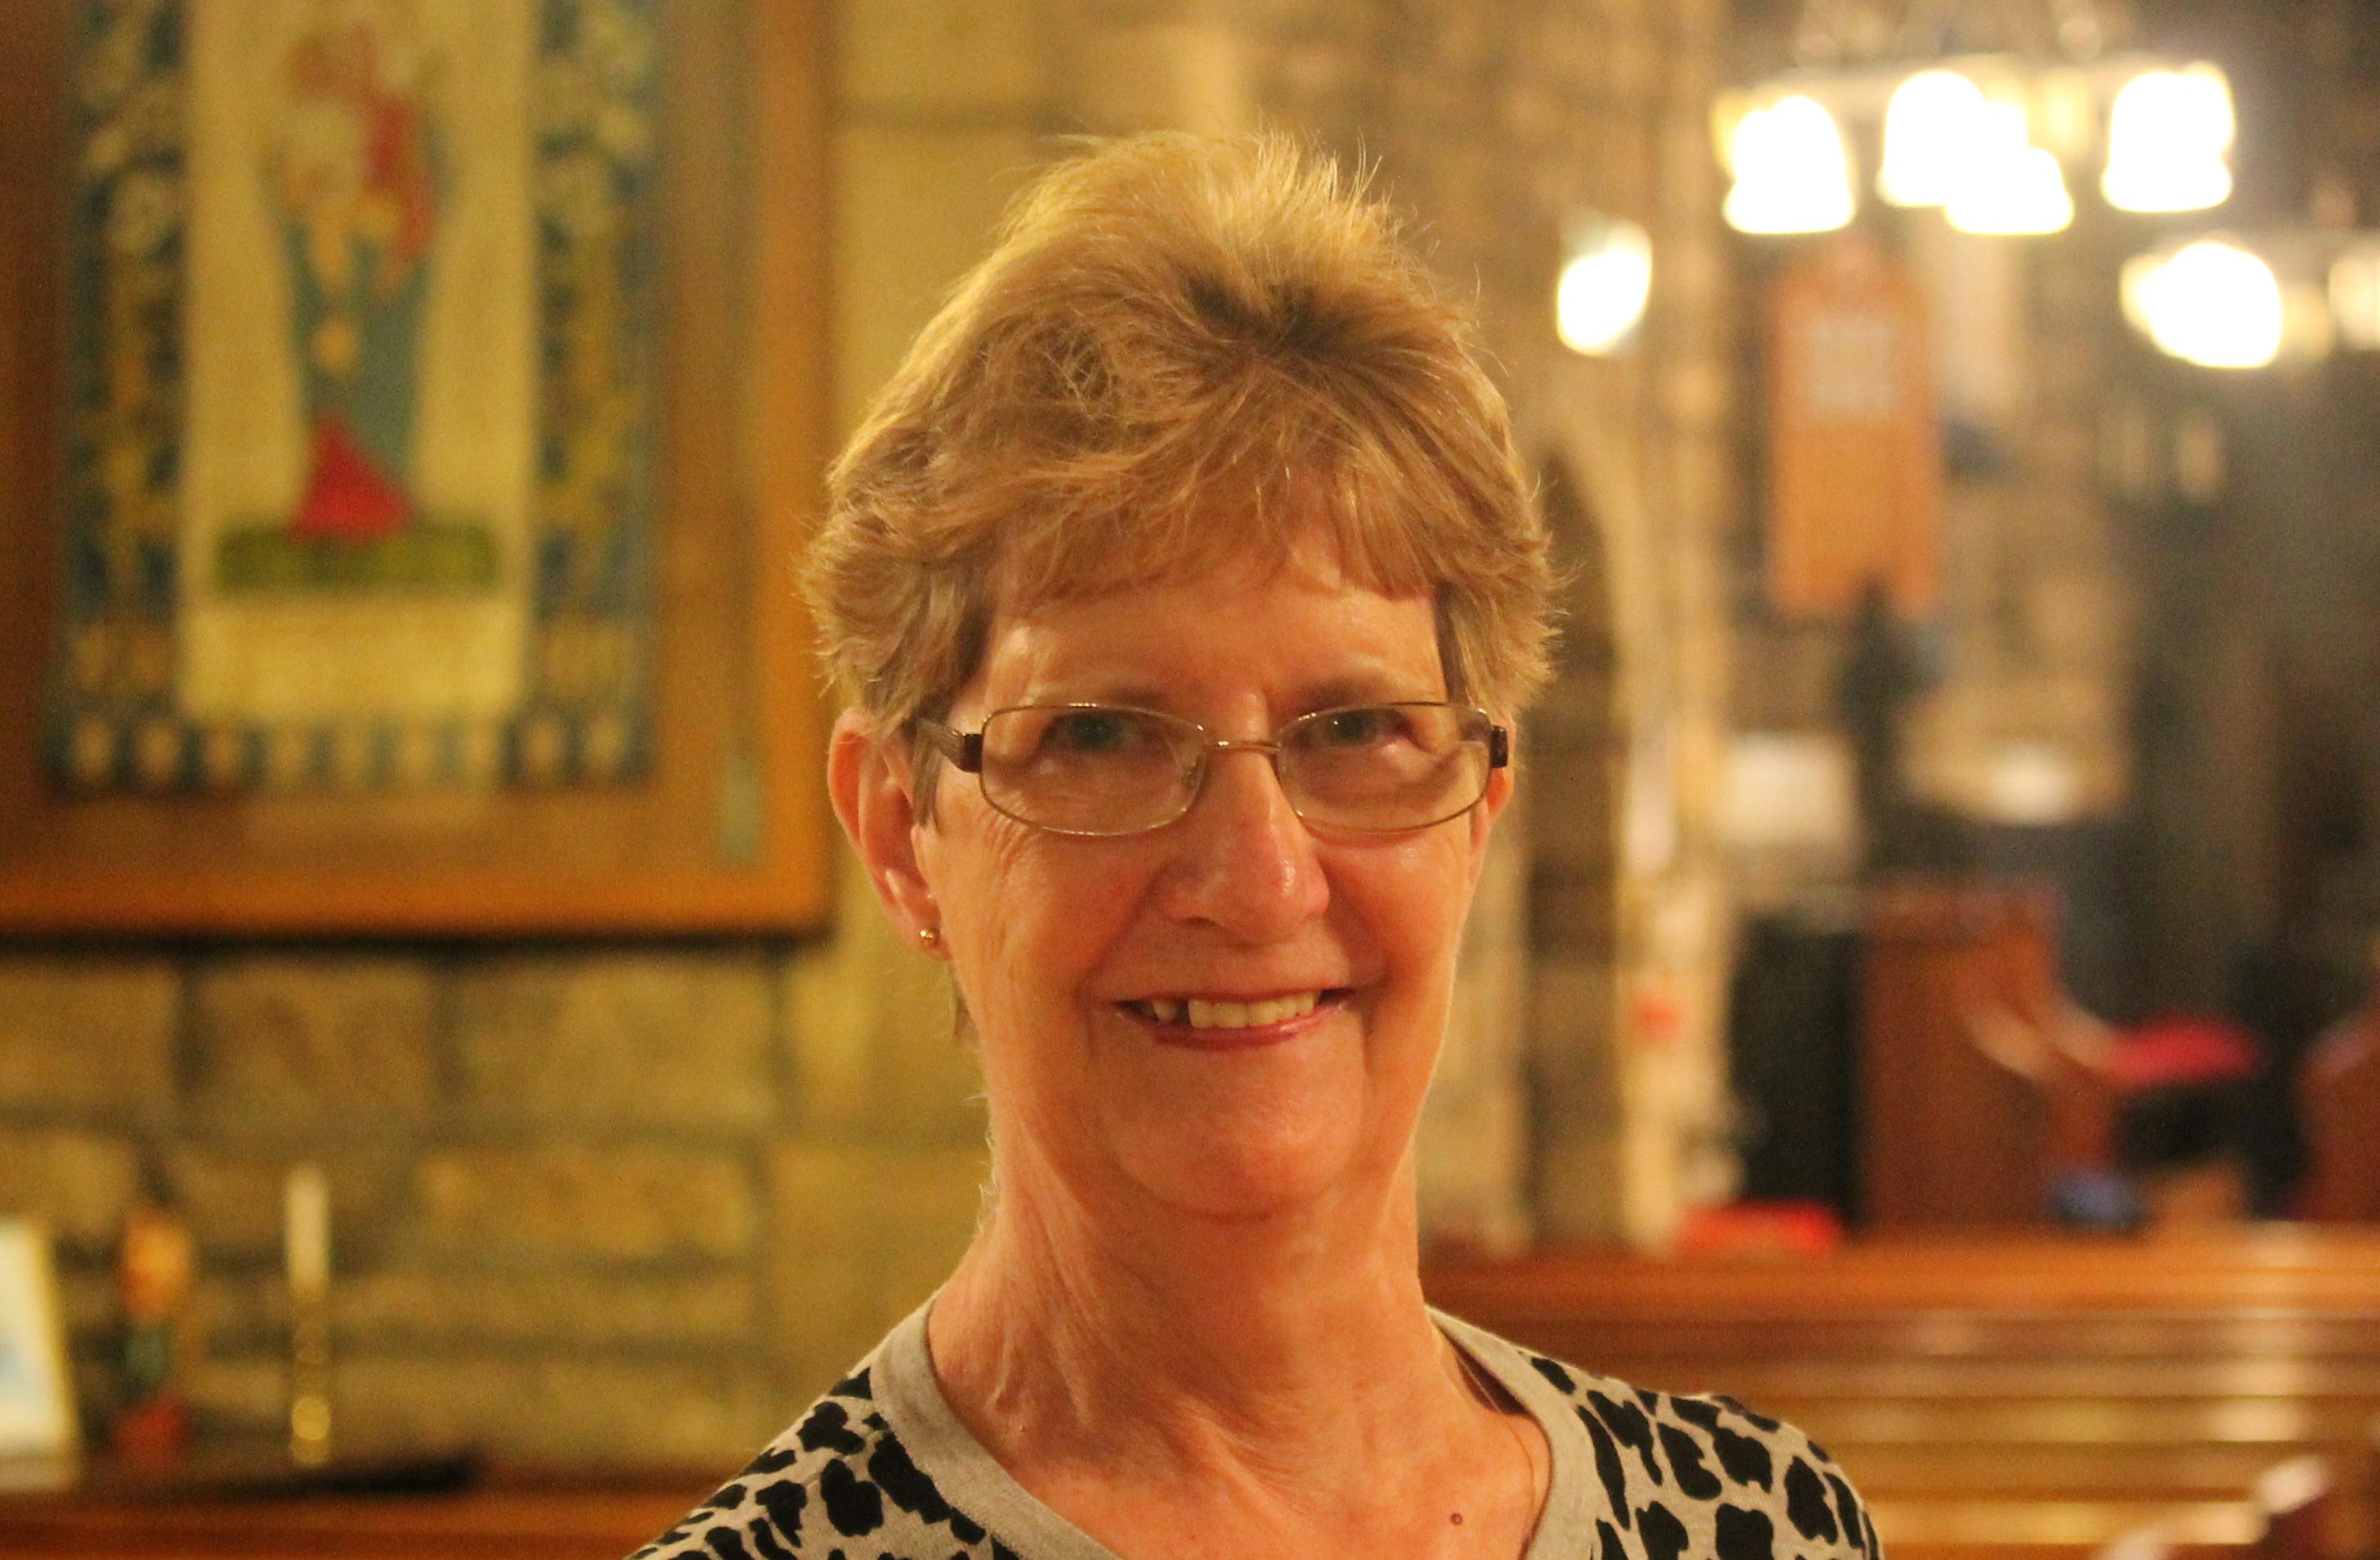 Gail Townsend